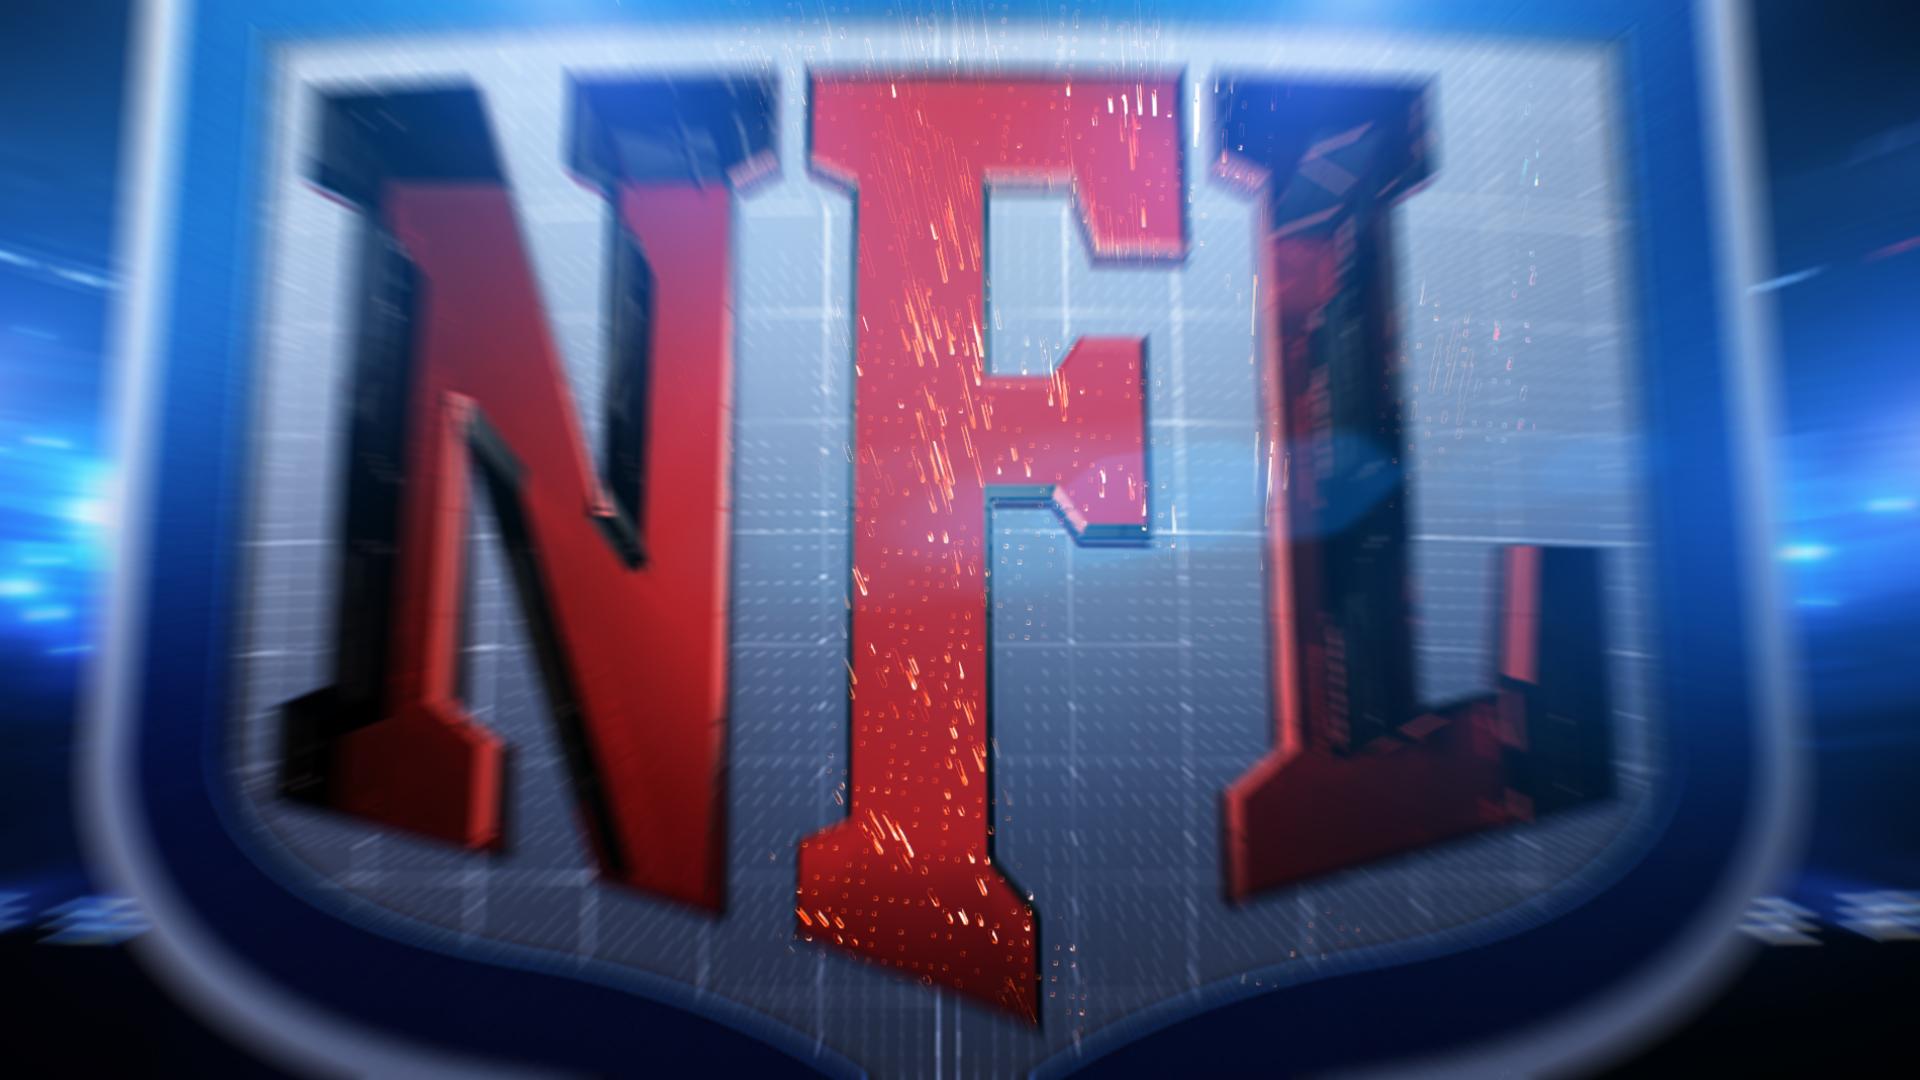 1319_ESPN_THANK_YOU_frame_11.jpg